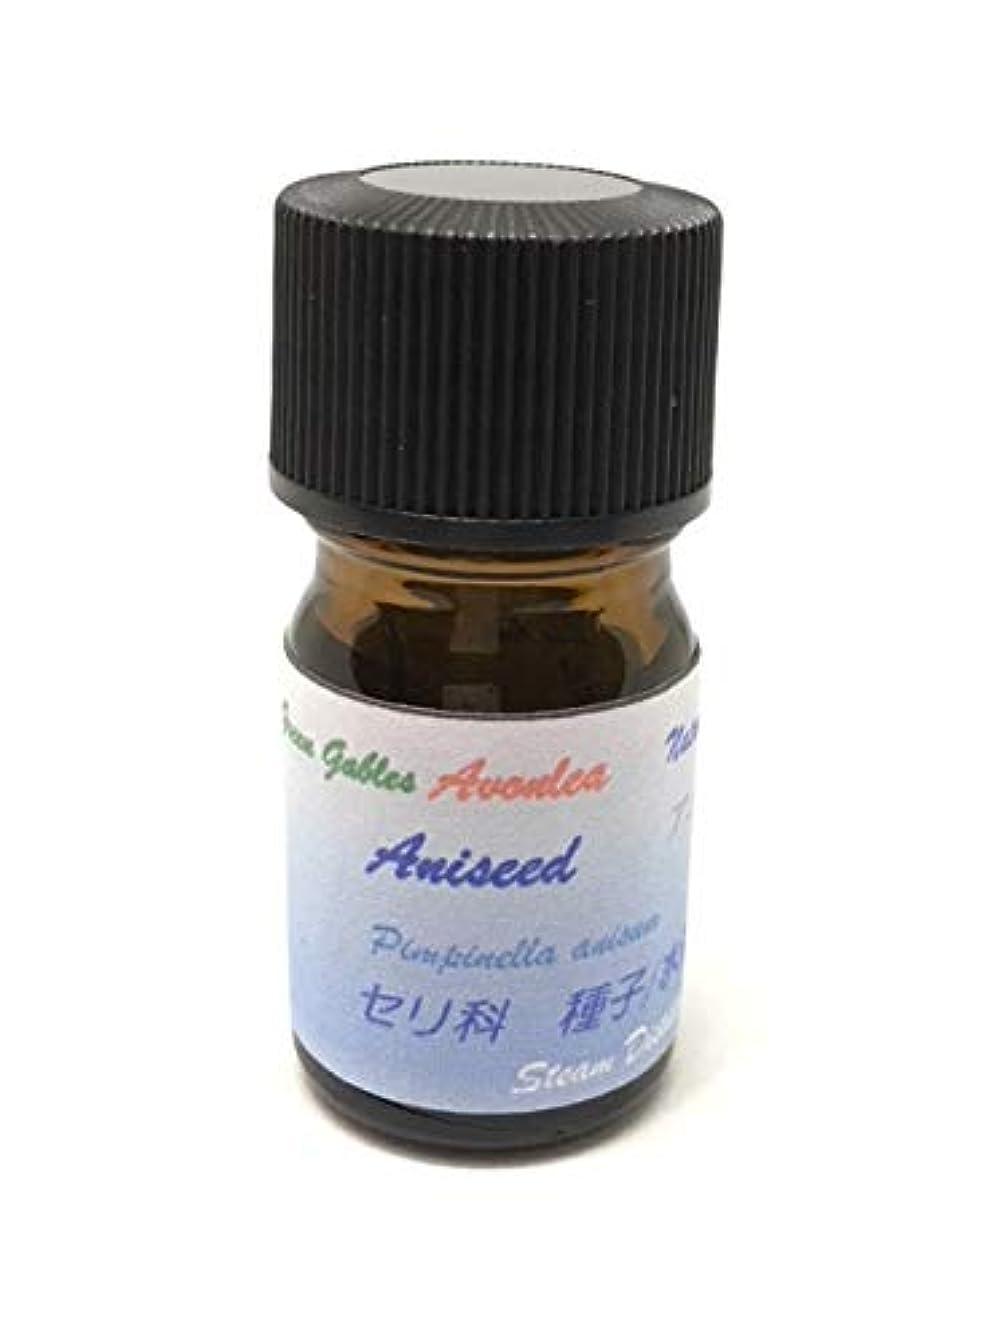 定期的なアノイ理容室アニシード ピュアエッセンシャルオイル 10ml Aniseed